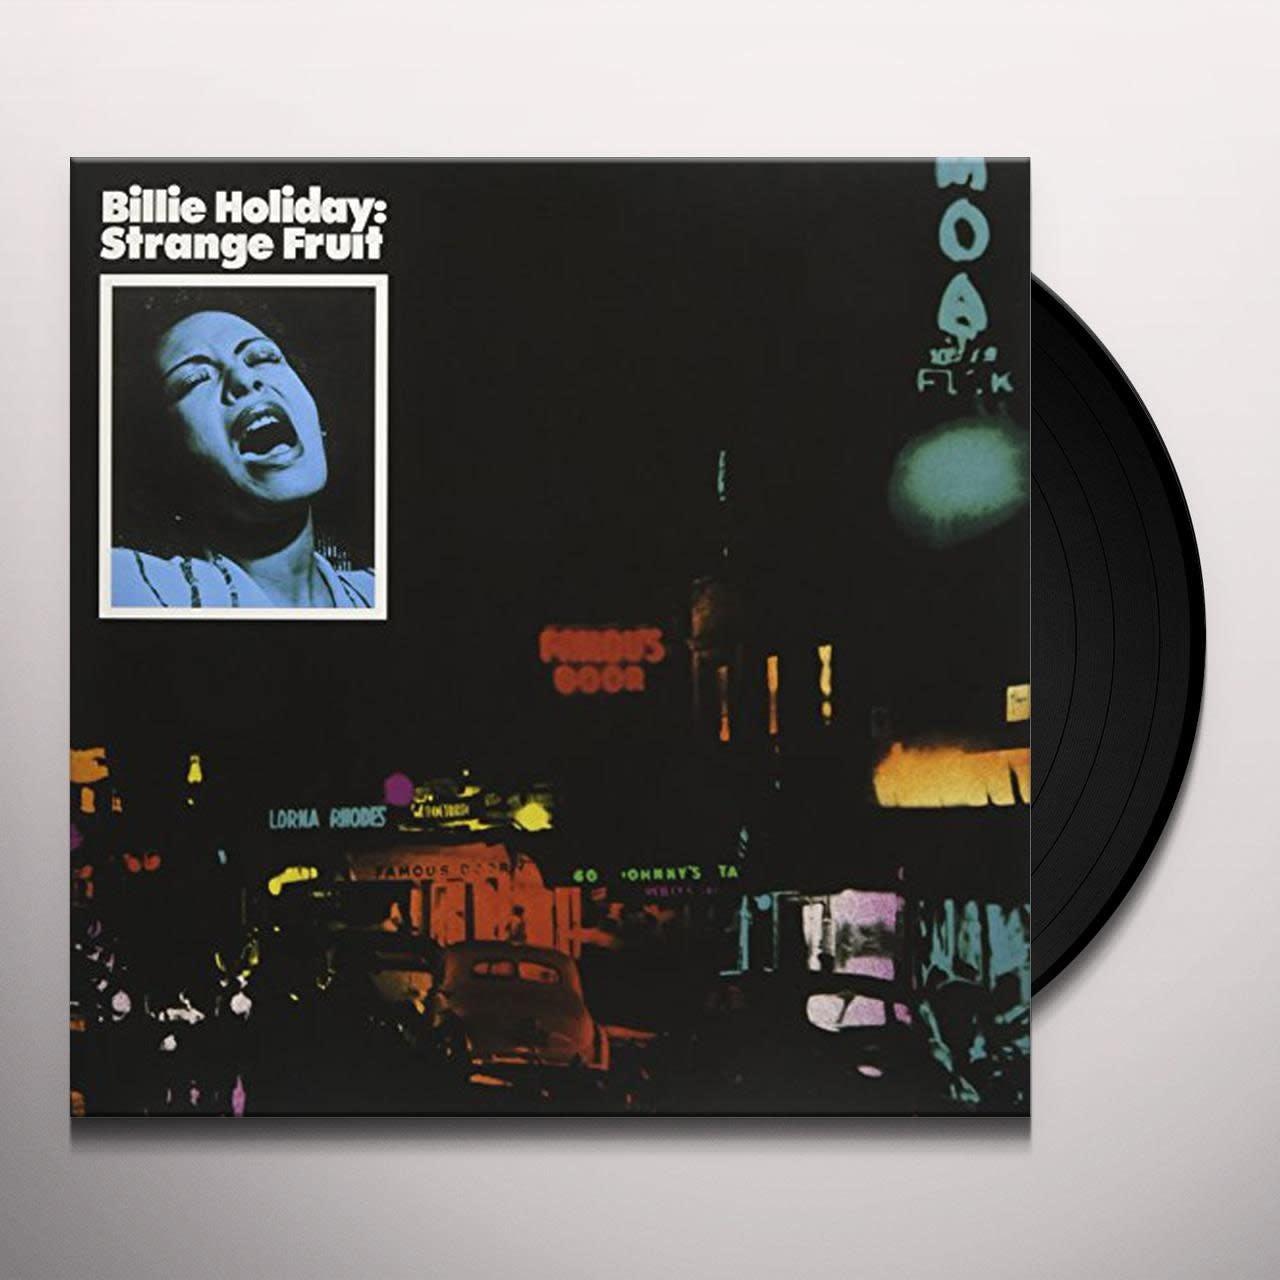 DOL Billie Holiday - Strange Fruit